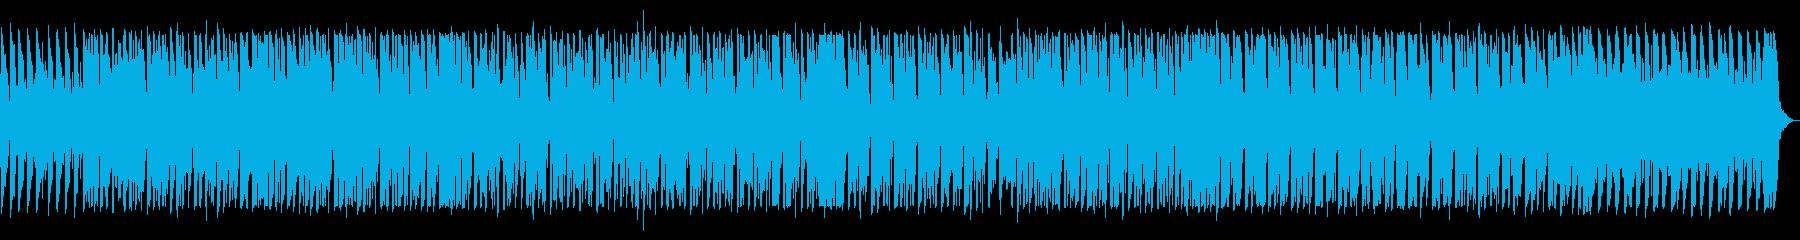 ベースがかっこいい80年代風サウンドの再生済みの波形